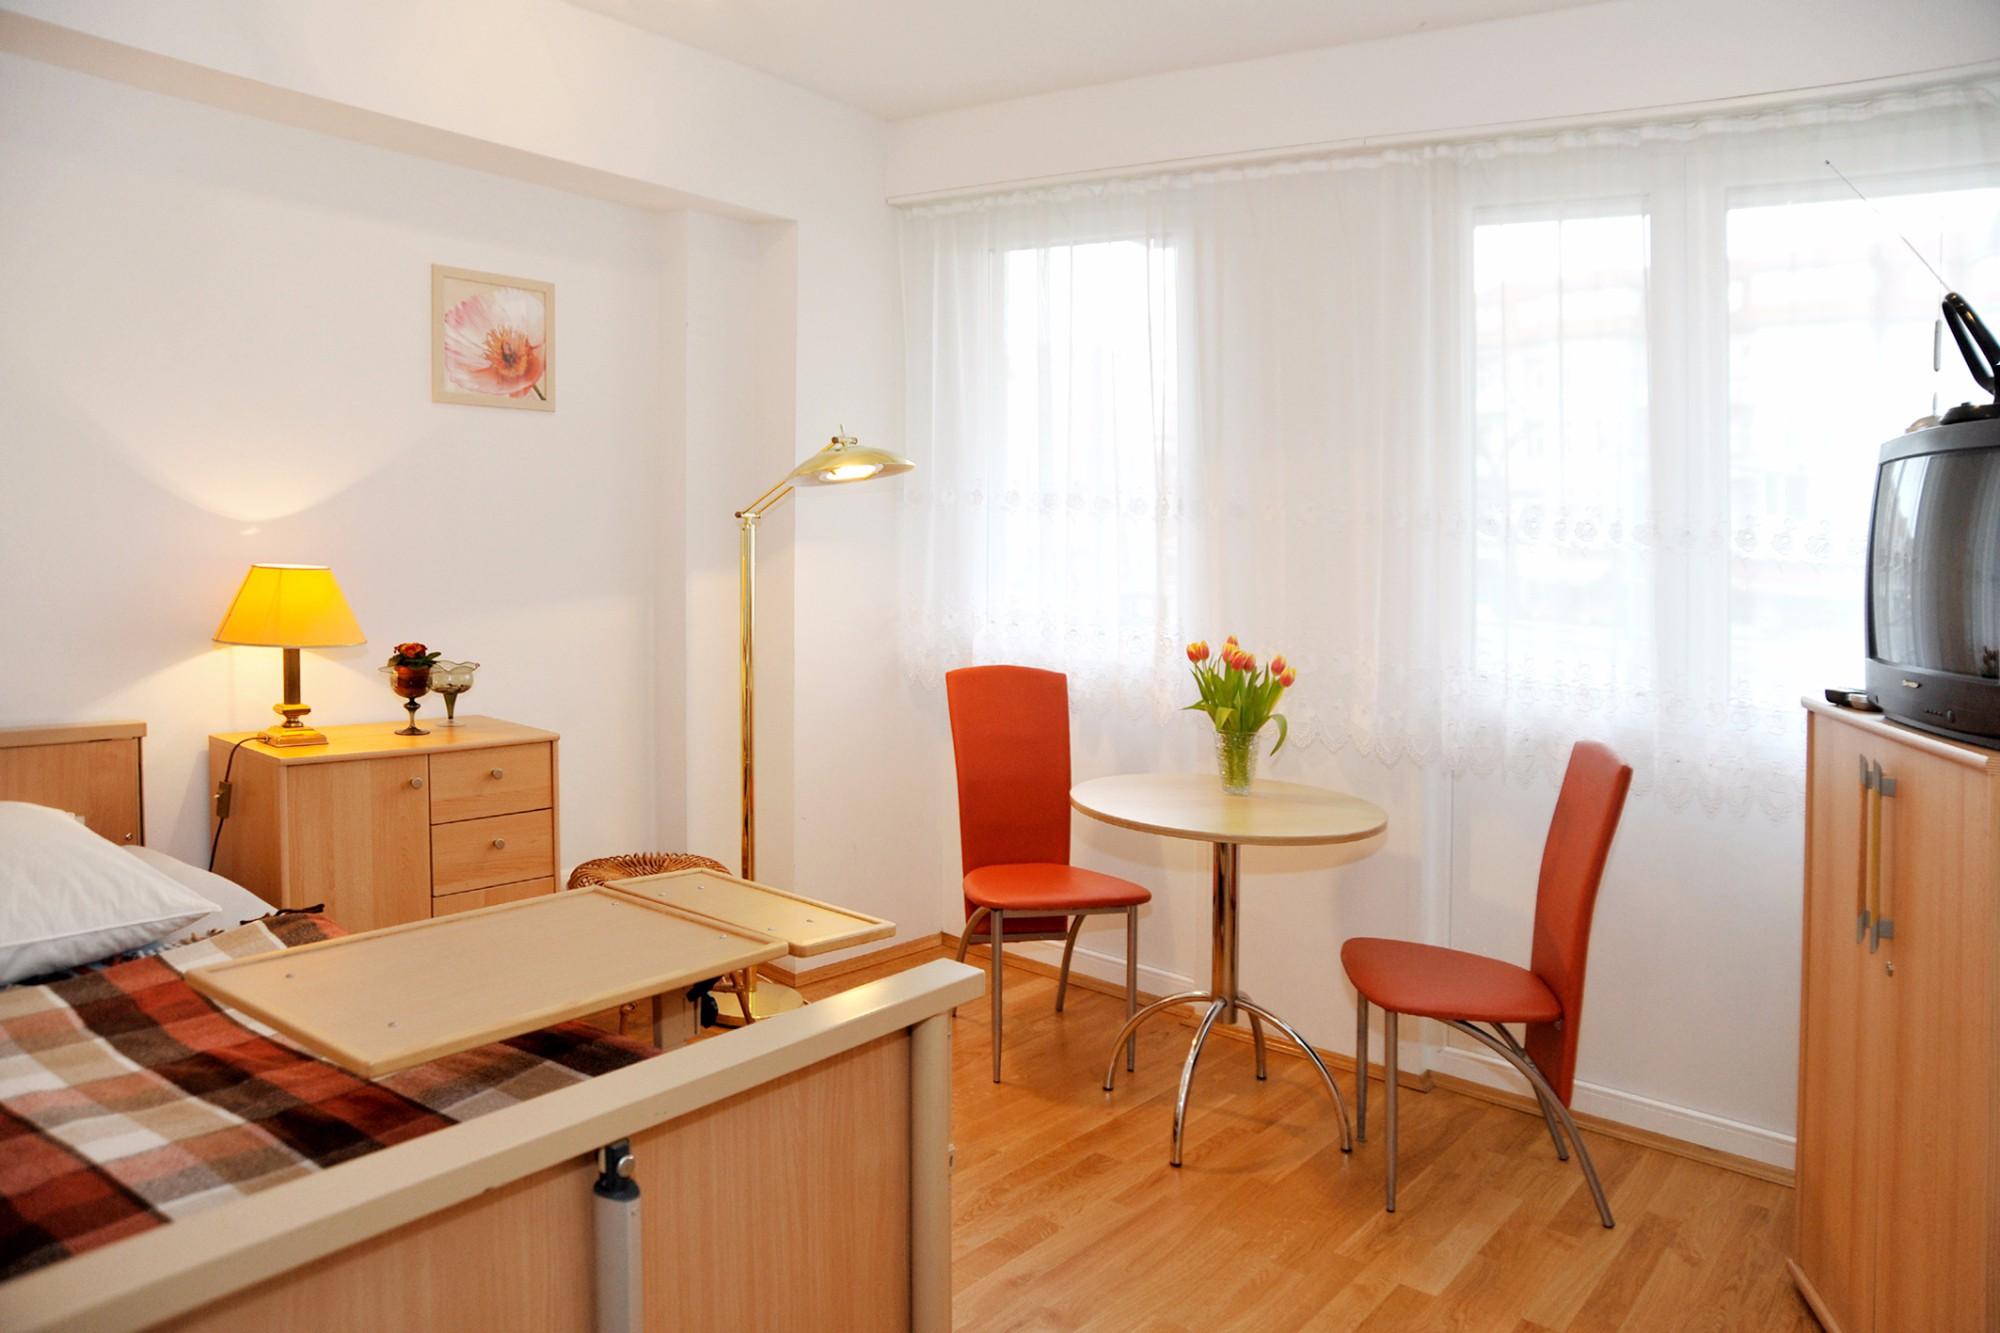 In den schön gestalteten Zimmern fühlen sich die Senioren zuhause